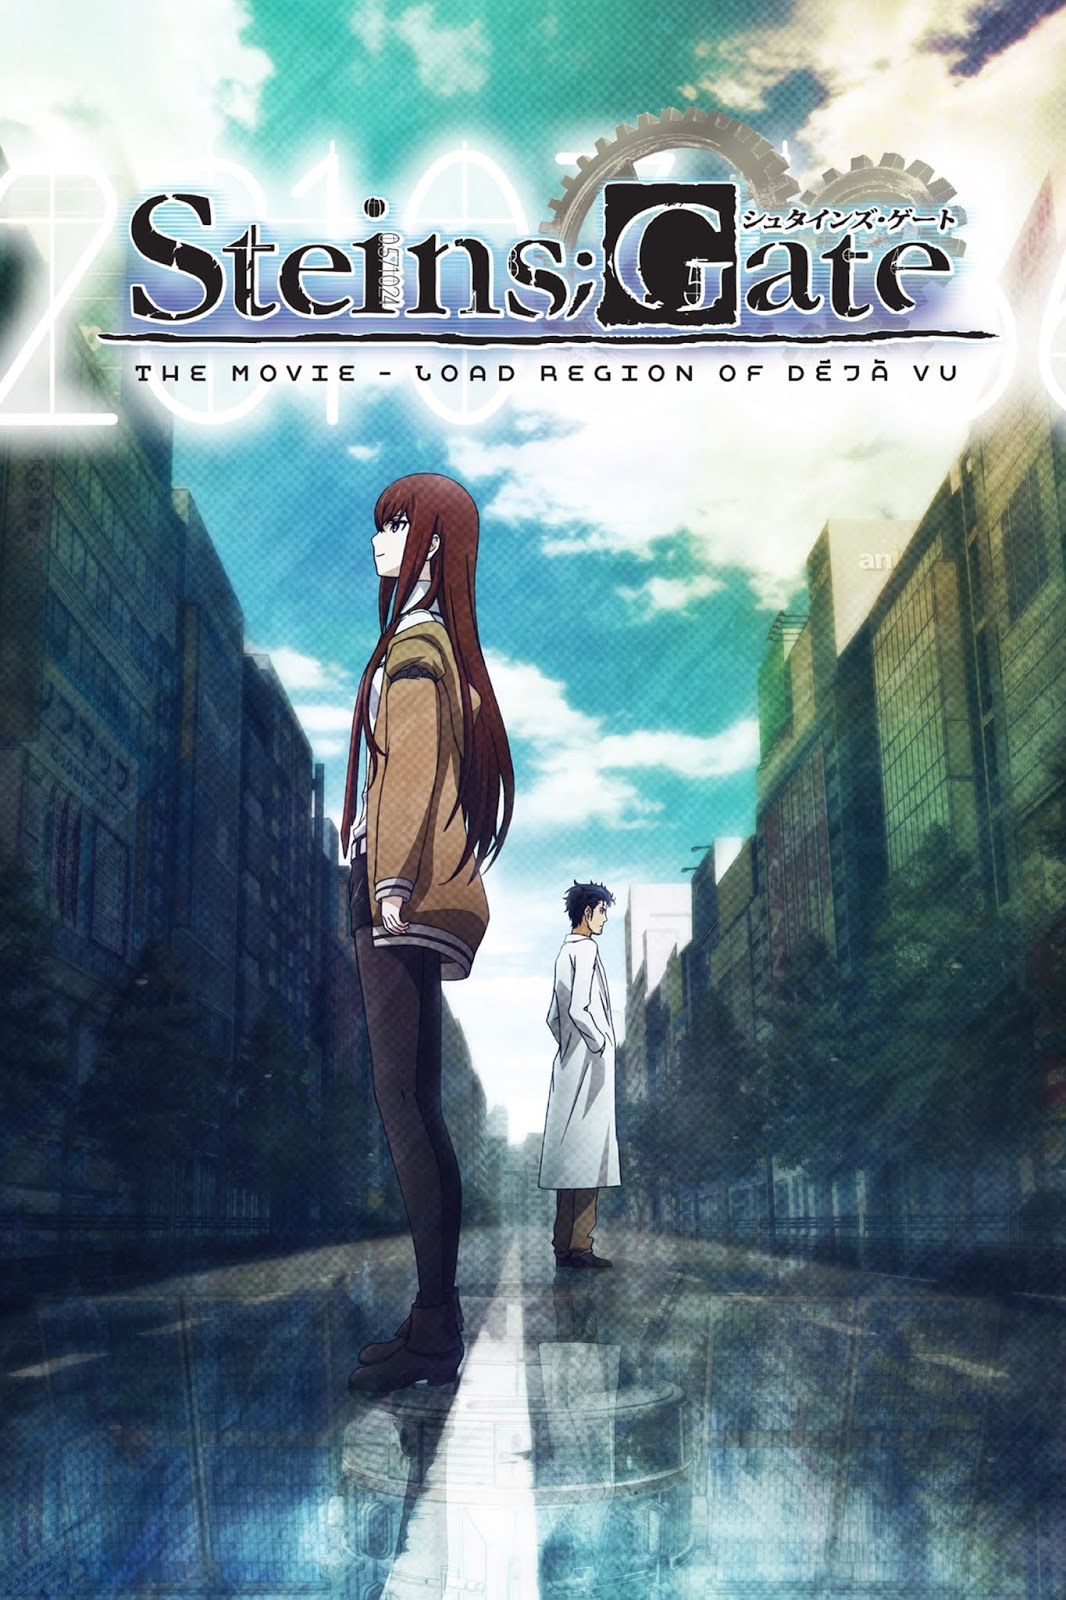 Steins;Gate: Fuka Ryouiki no Deja vu |BD Ligero 720p| |Película| |Sub. Español| |Mega 1 Link|